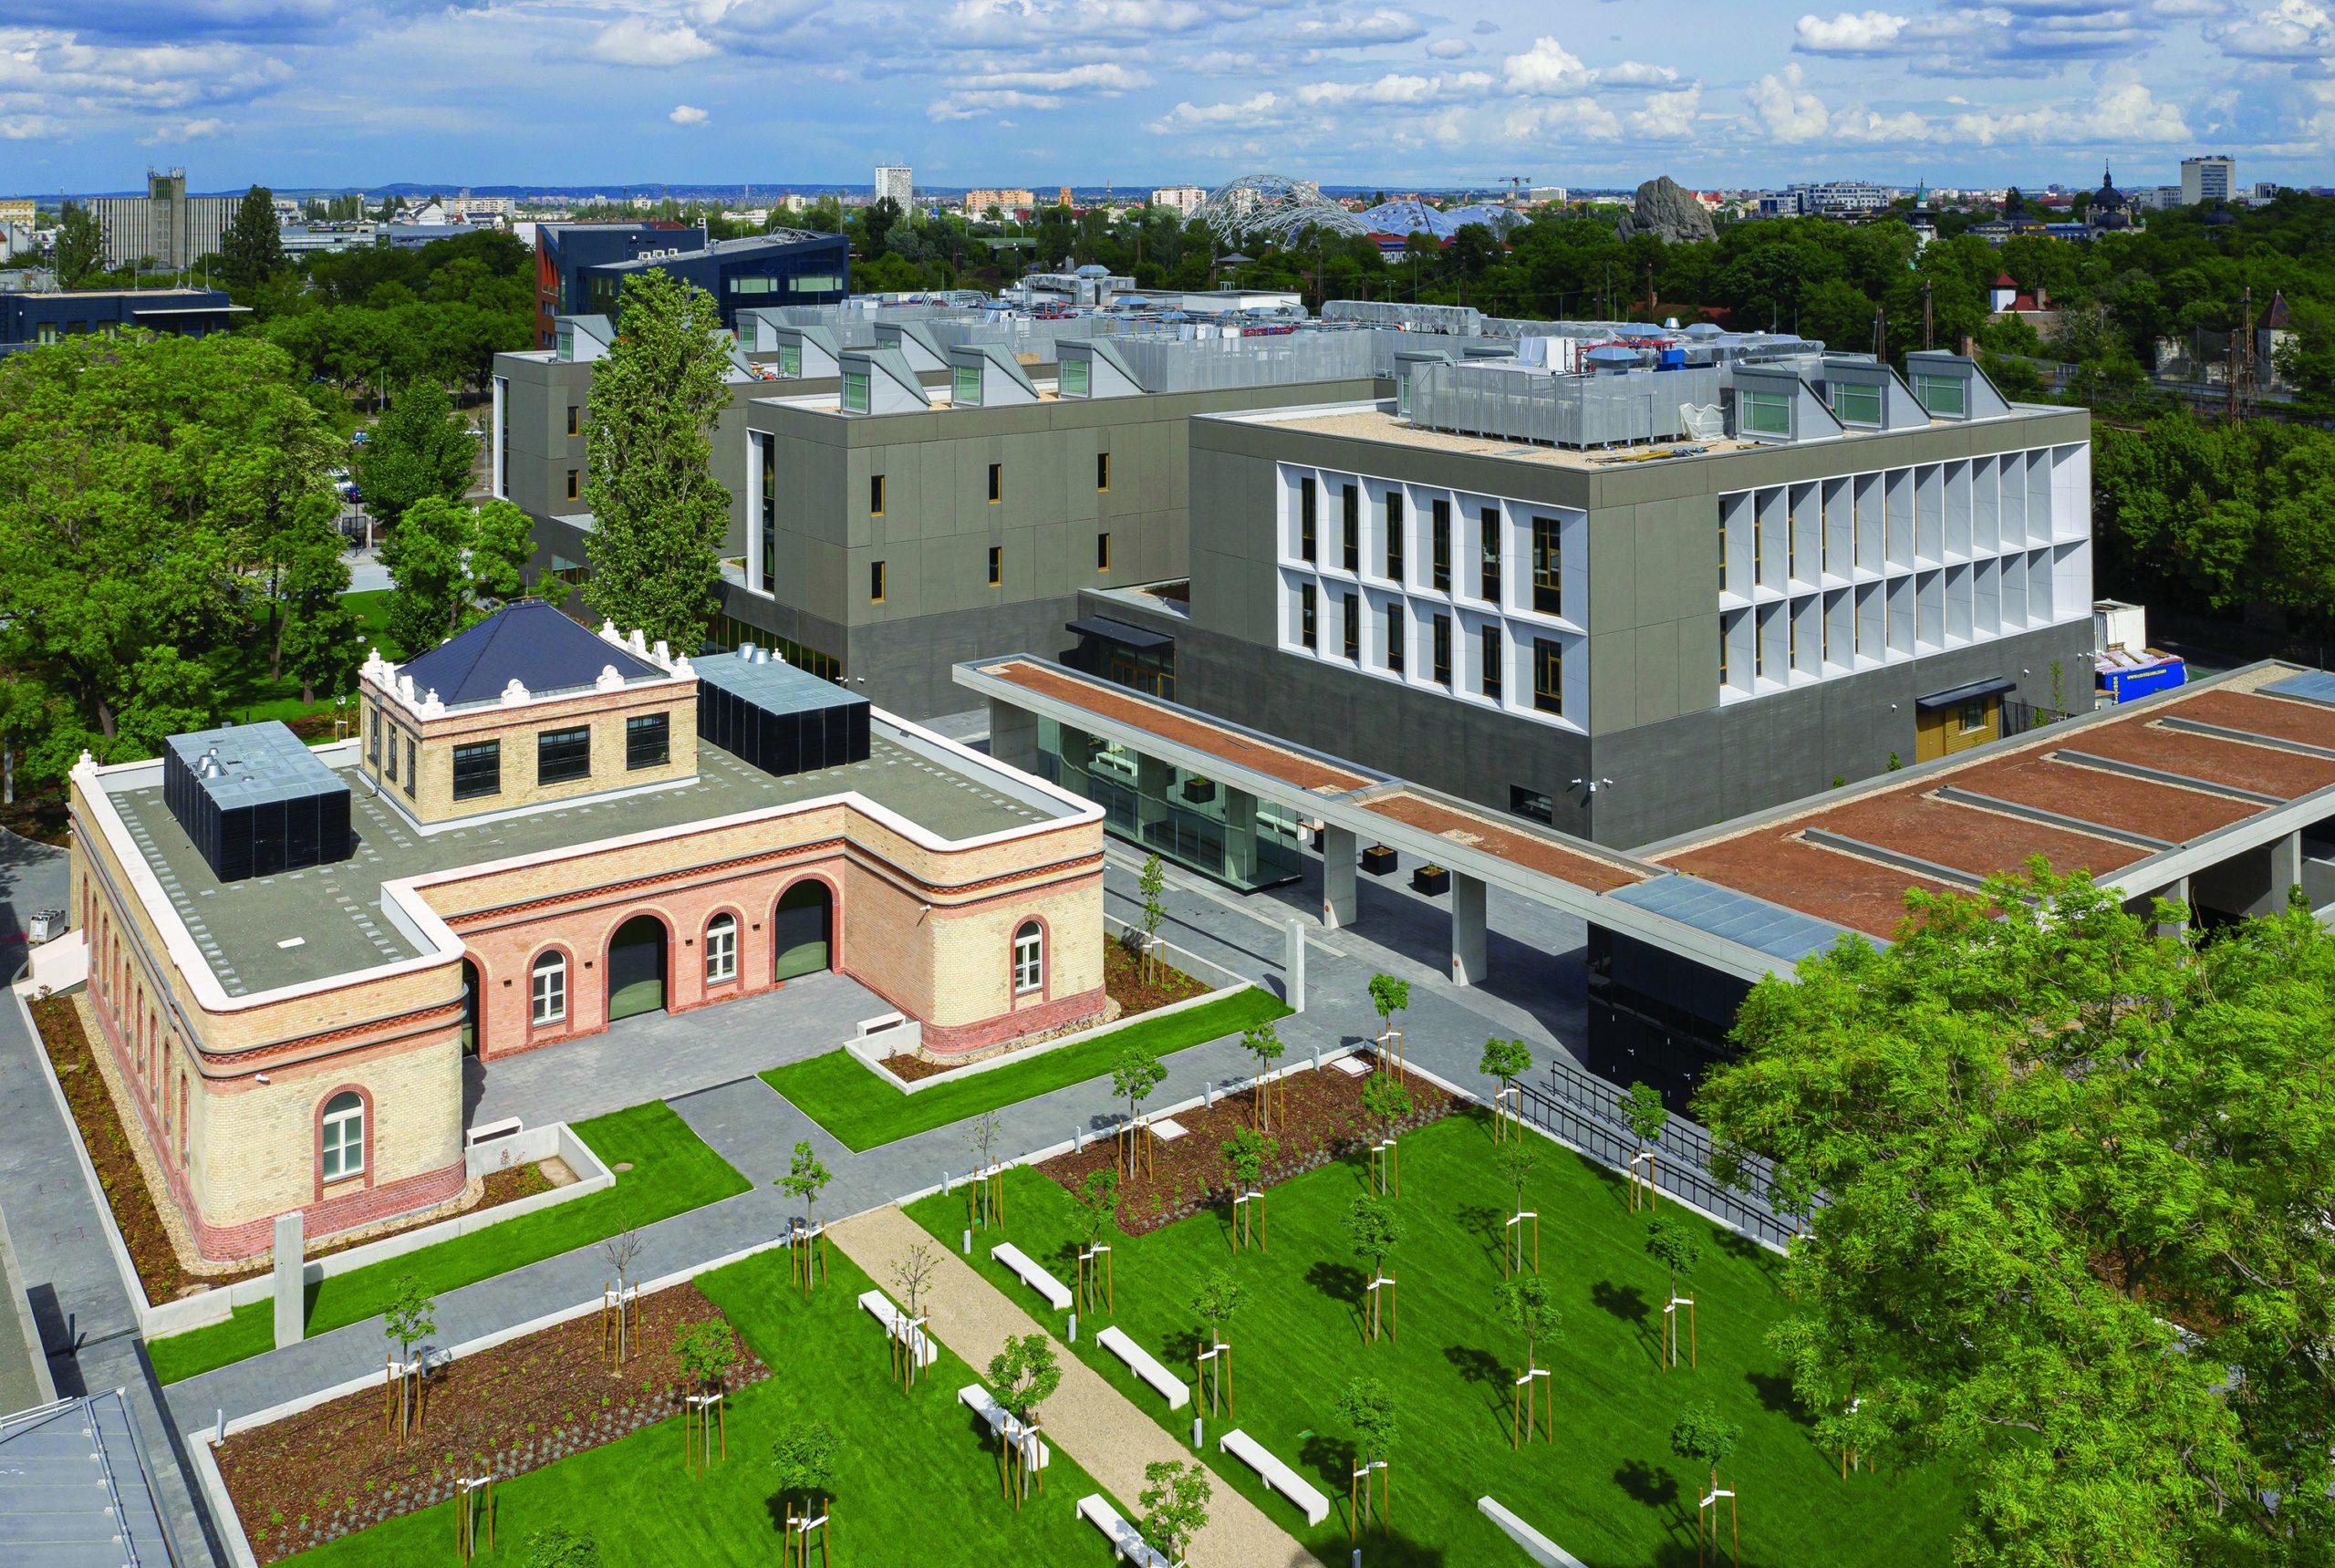 A londoni British Museum és a szentpétervári Ermitázs frissen elkészült, illetve a párizsi Louvre kivitelezés alatt álló szakmai intézményeivel összevetésben is állja a versenyt a hazai fejlesztés